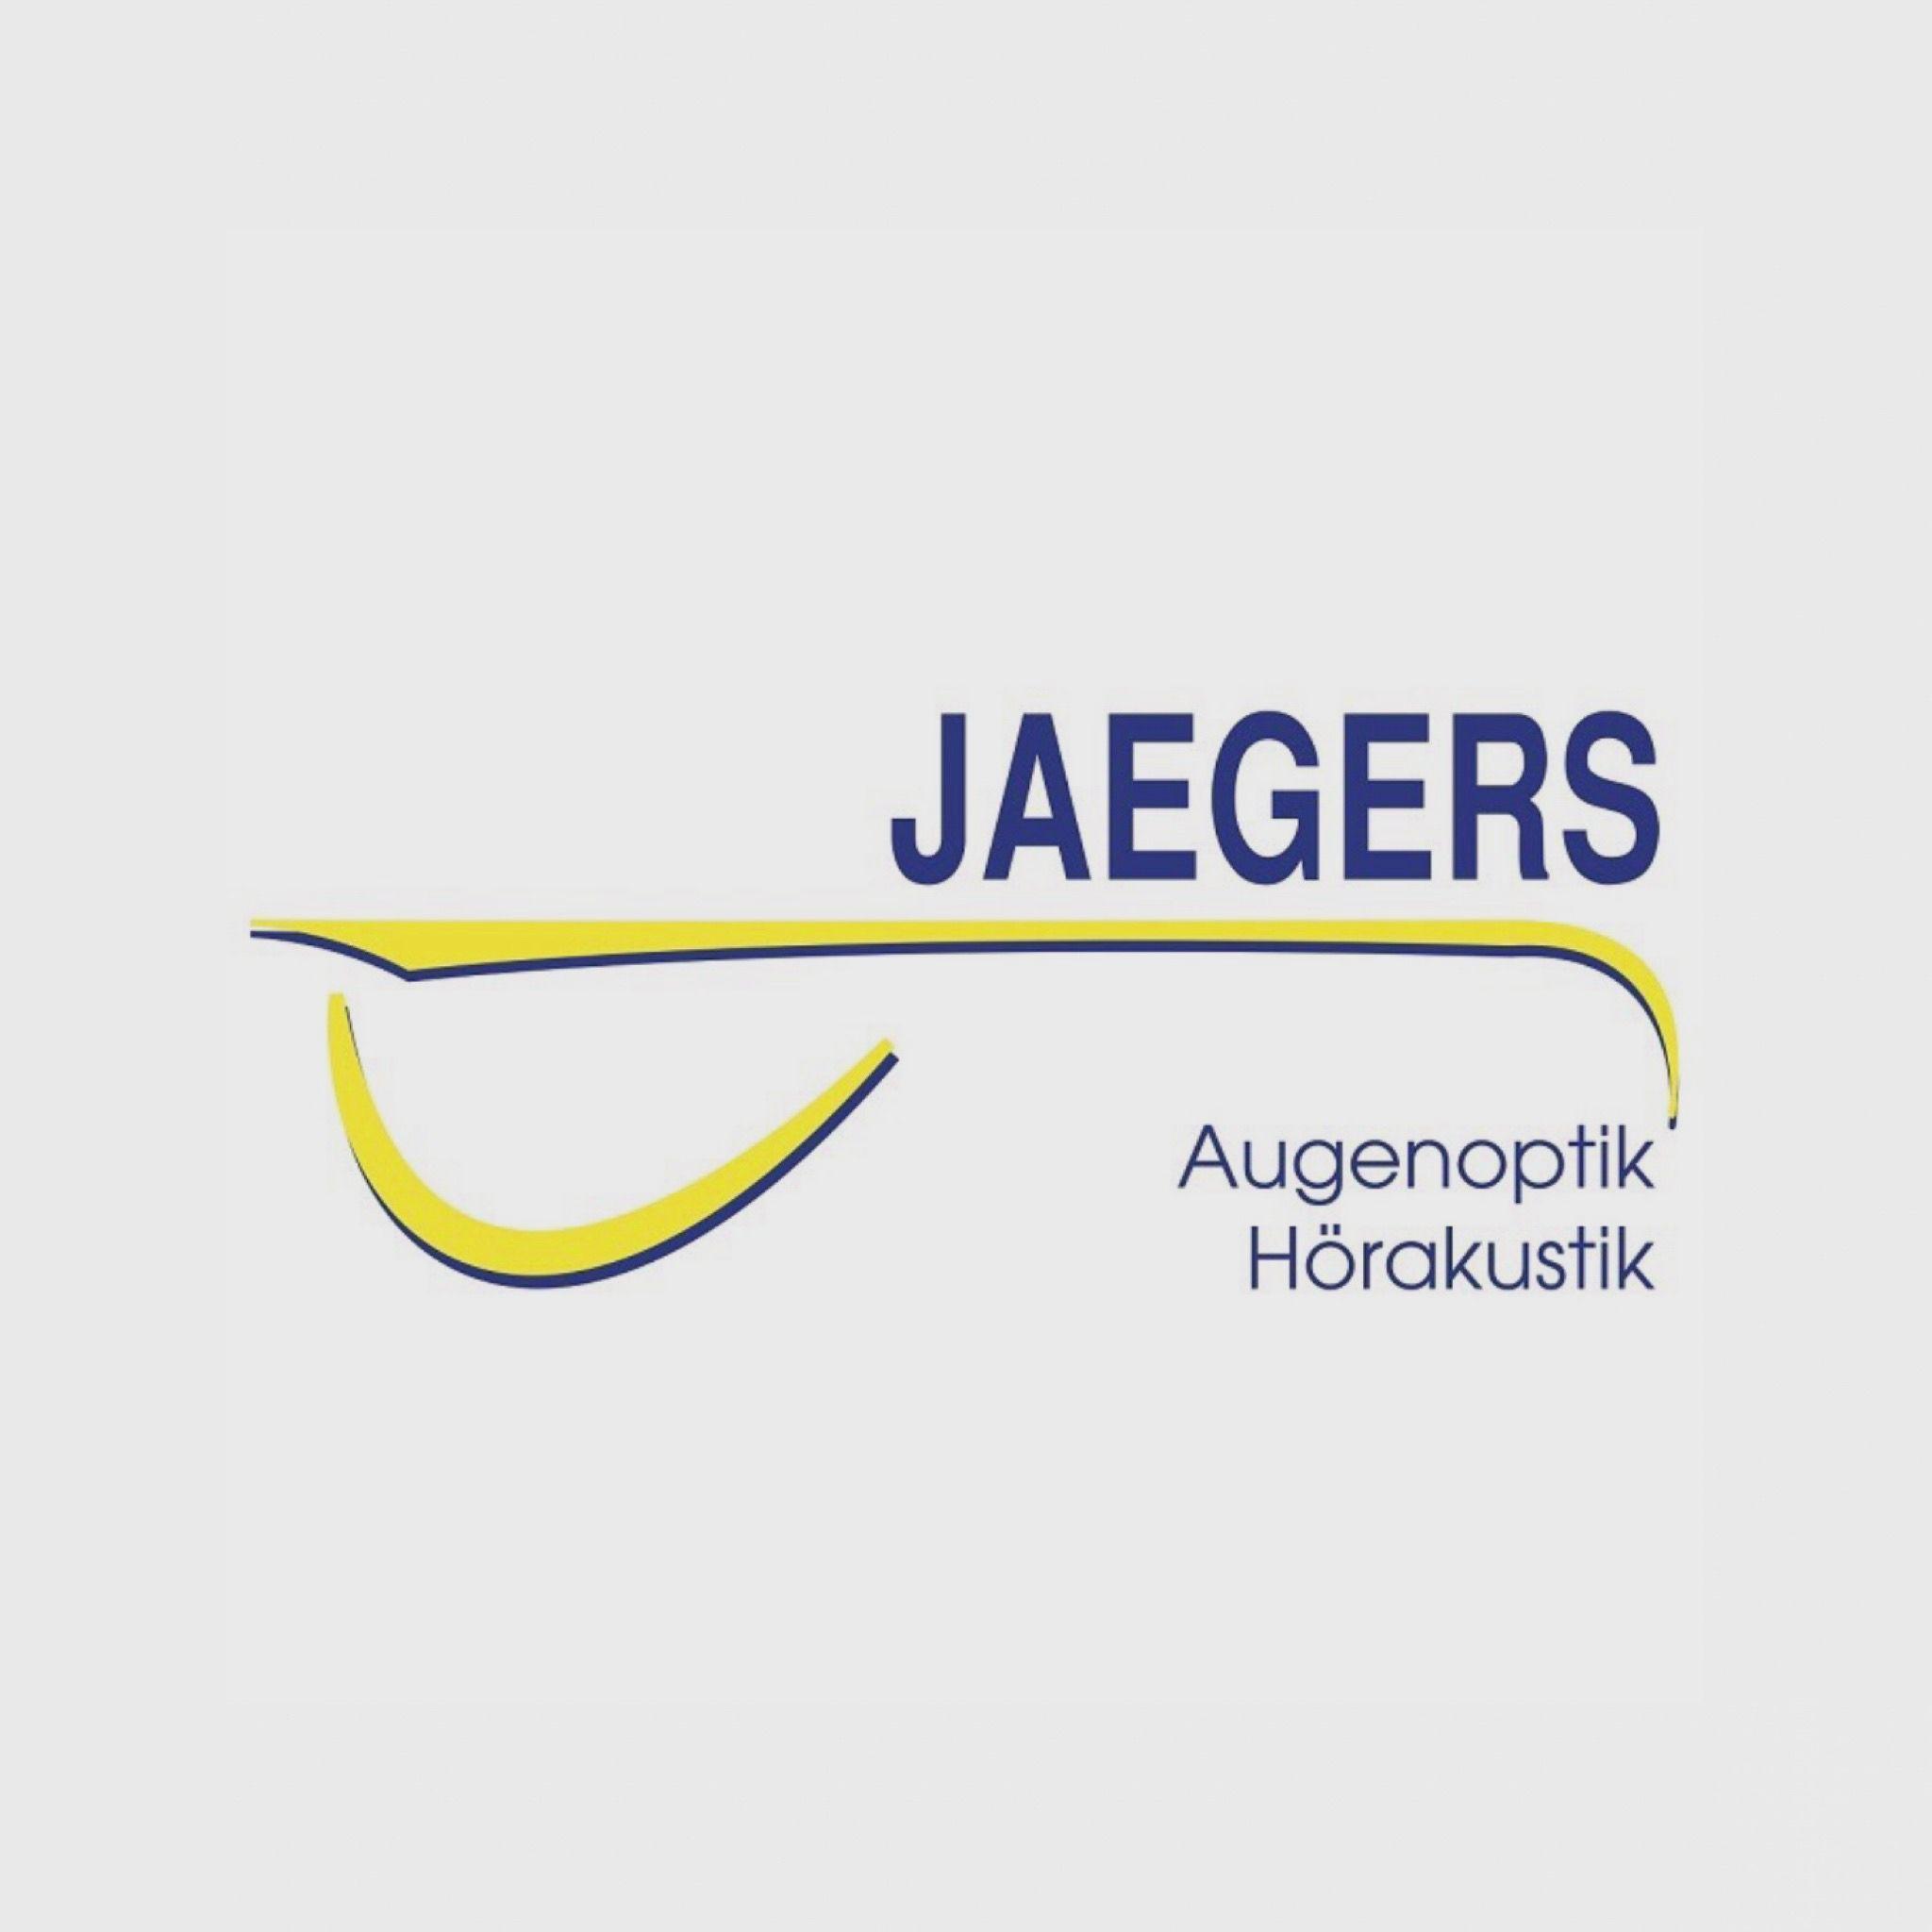 Augenoptik Hörakustik Jaegers